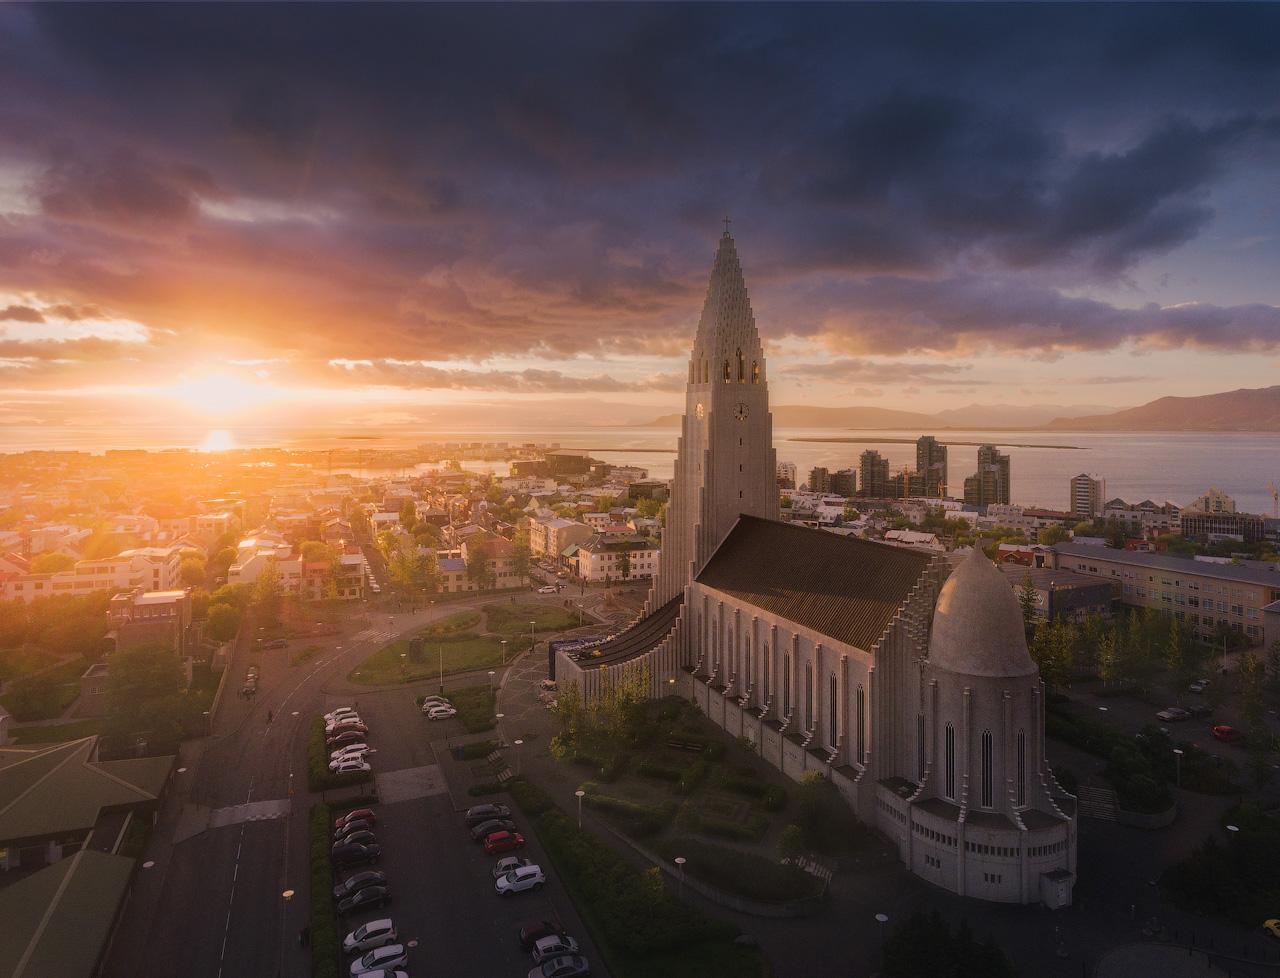 夏季午夜阳光下的雷克雅未克(Reykjavík)景色总是令人惊叹